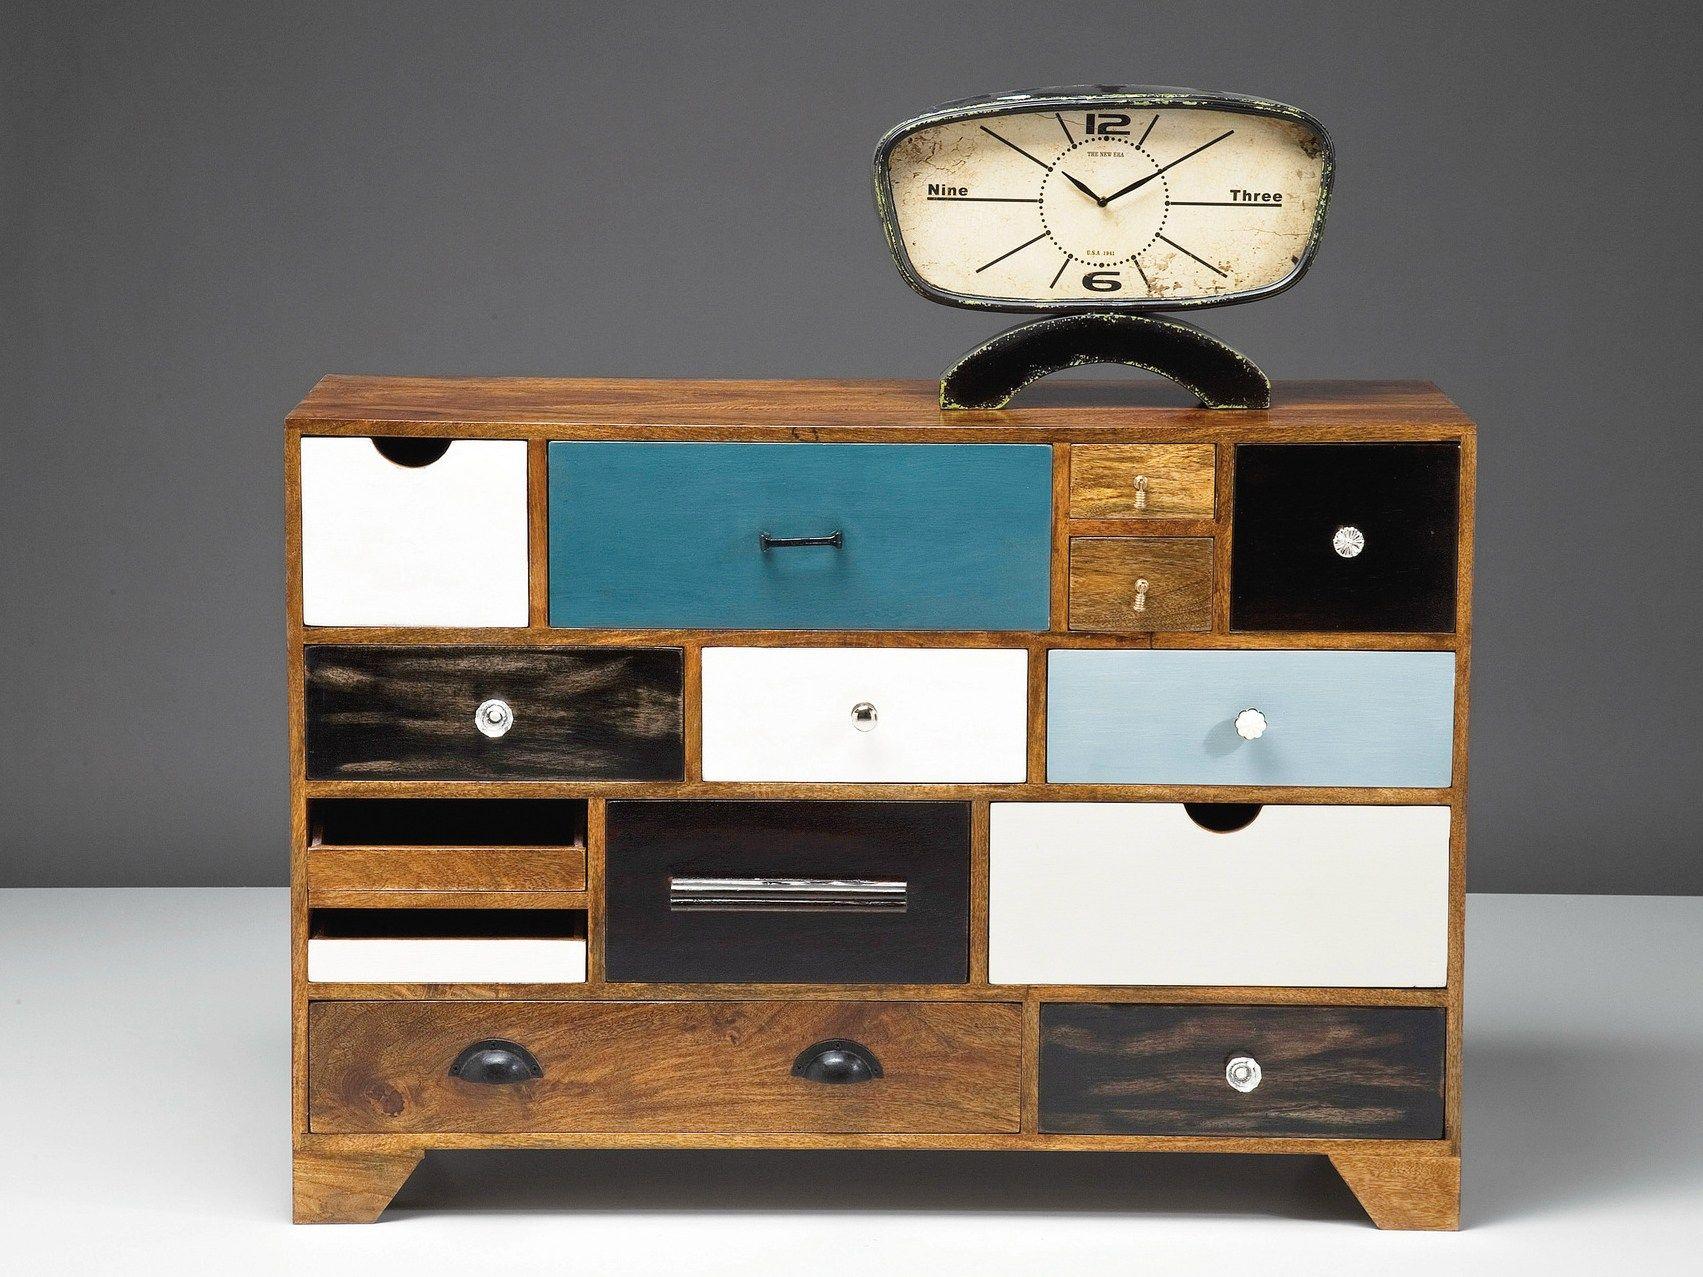 Cassettiera a terra laccata in legno babalou 14 by kare design for Mobili kare design